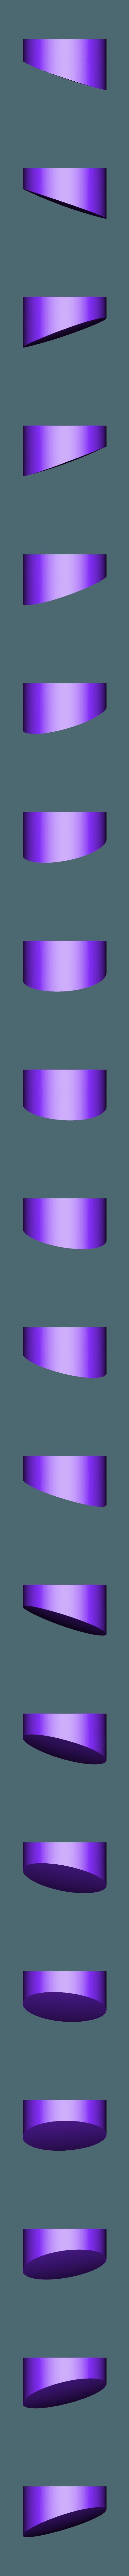 pupil right black.stl Télécharger fichier STL gratuit Chococat (チョコキャット, Chokokyatto) de Hello kitty • Modèle pour imprimante 3D, Jangie